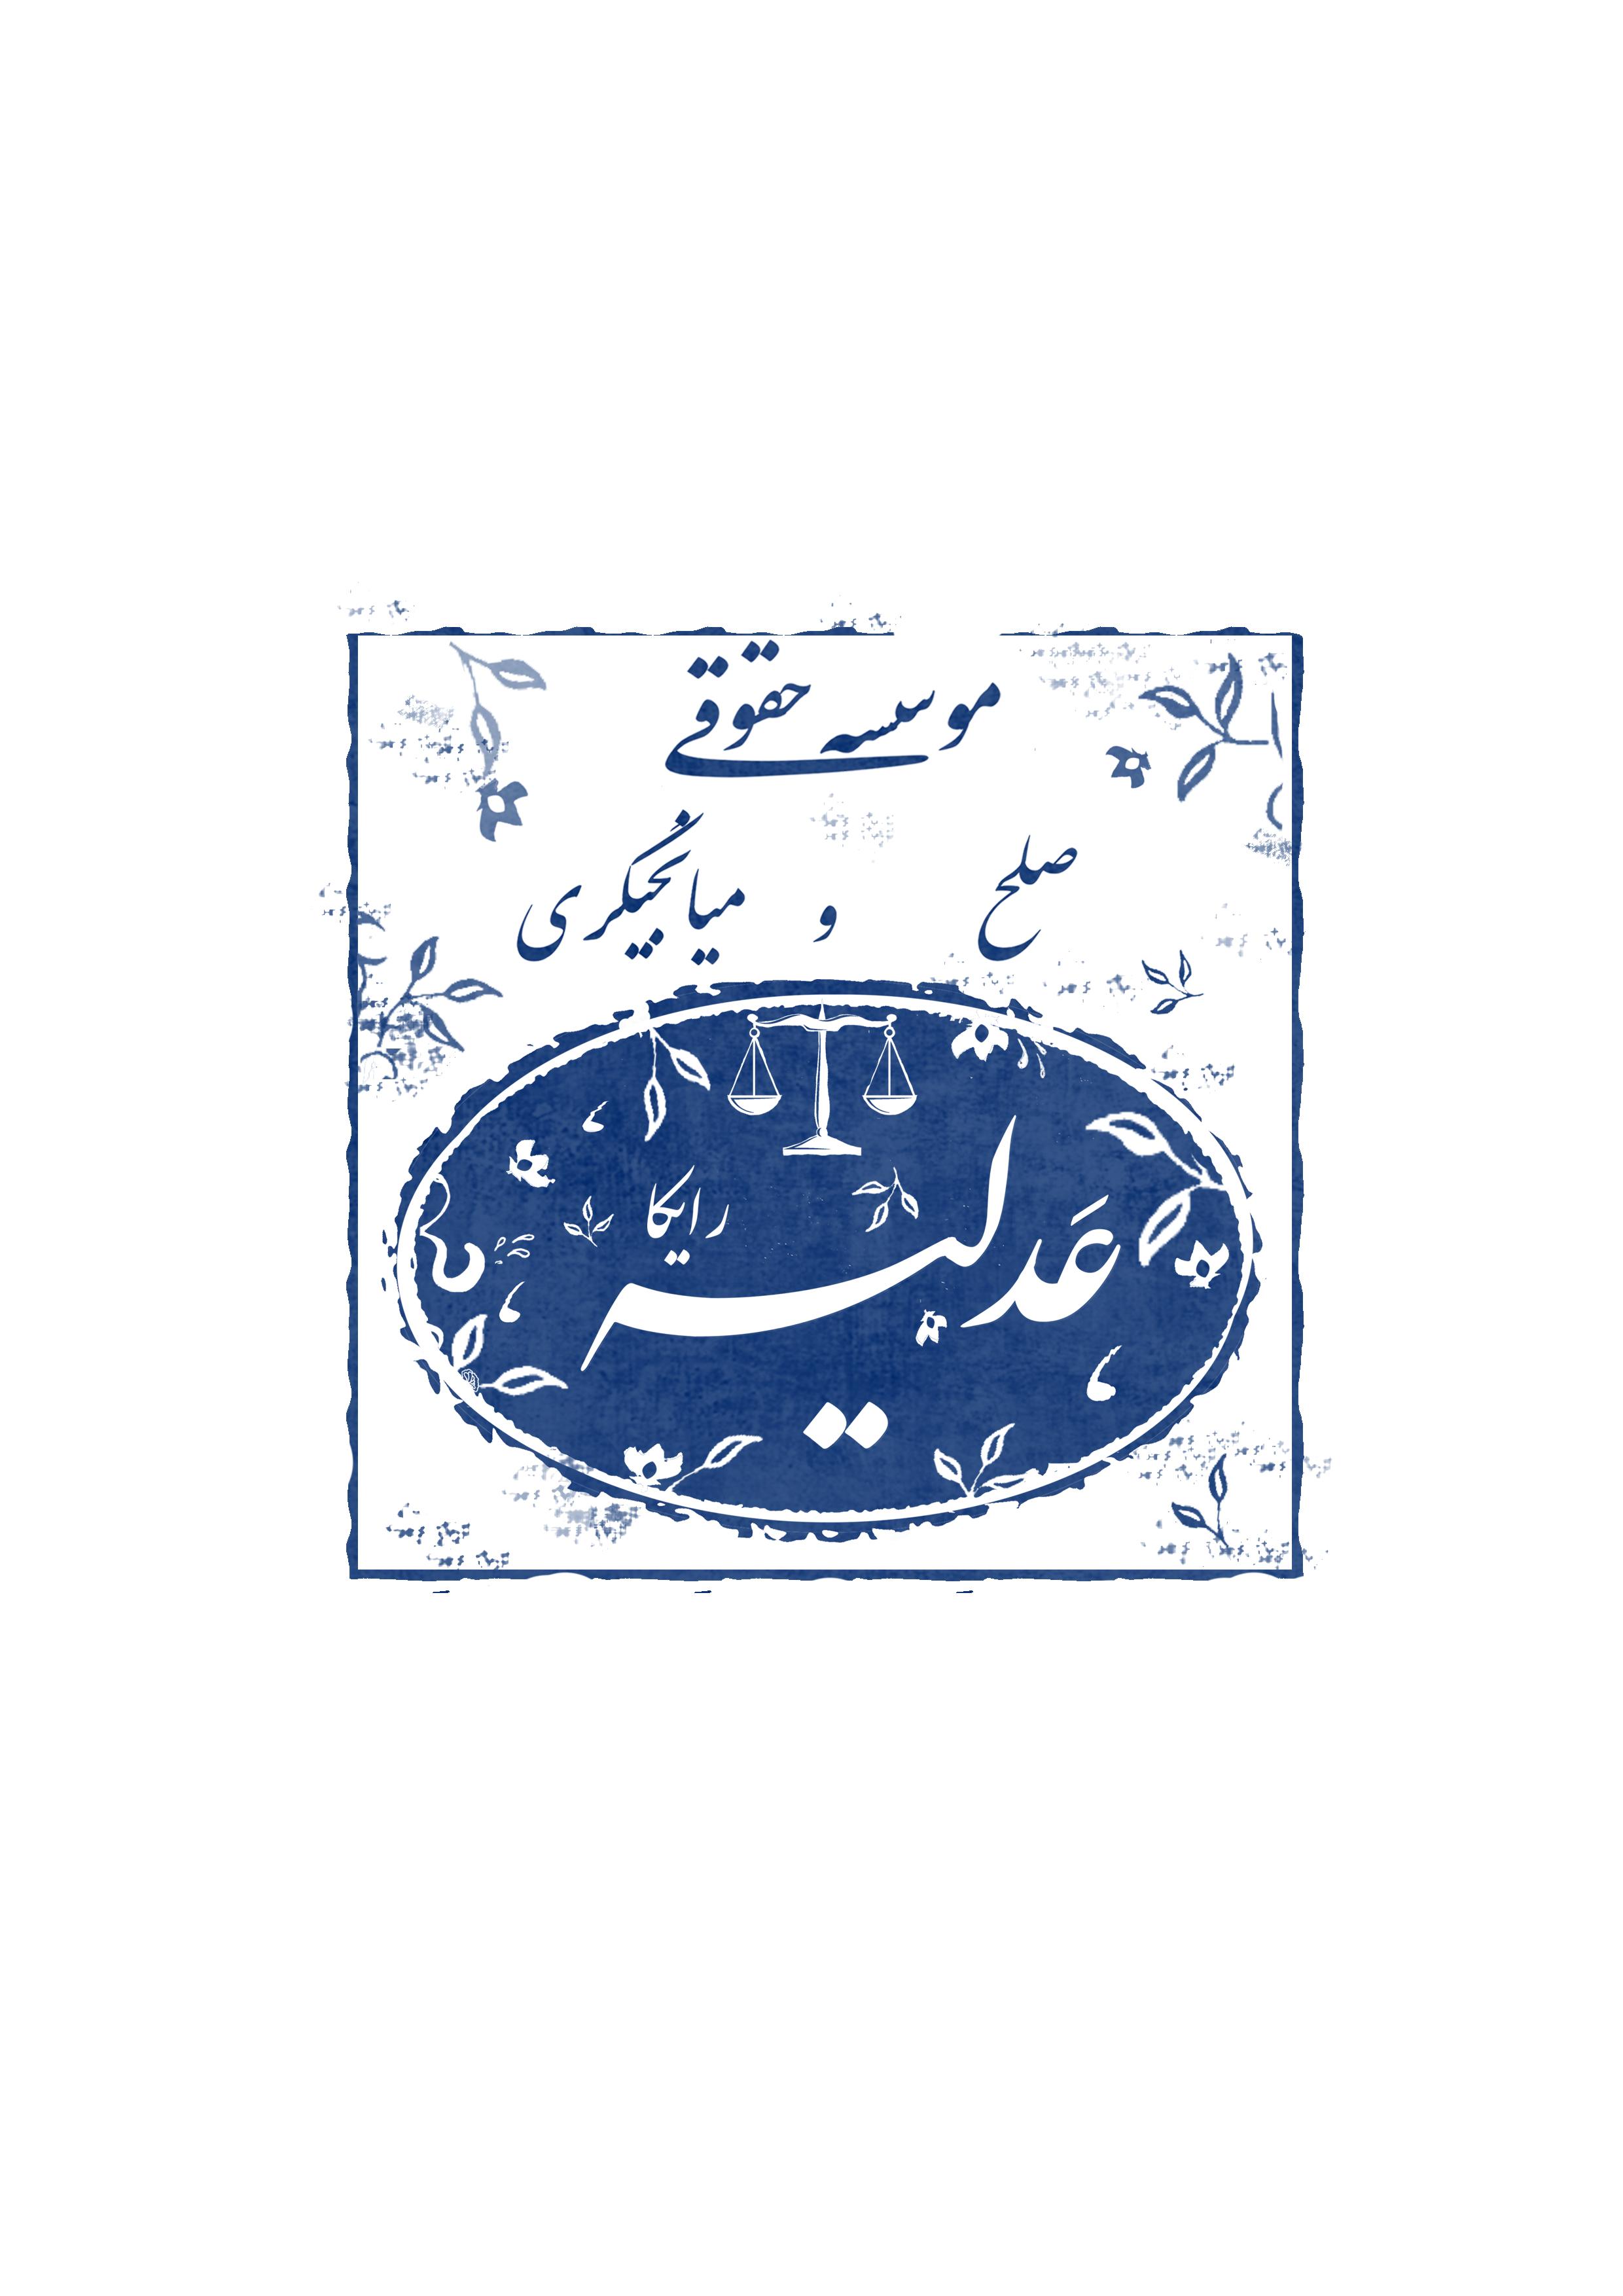 موسسه حقوقی صلح میانجیگری عدلیه رایکا